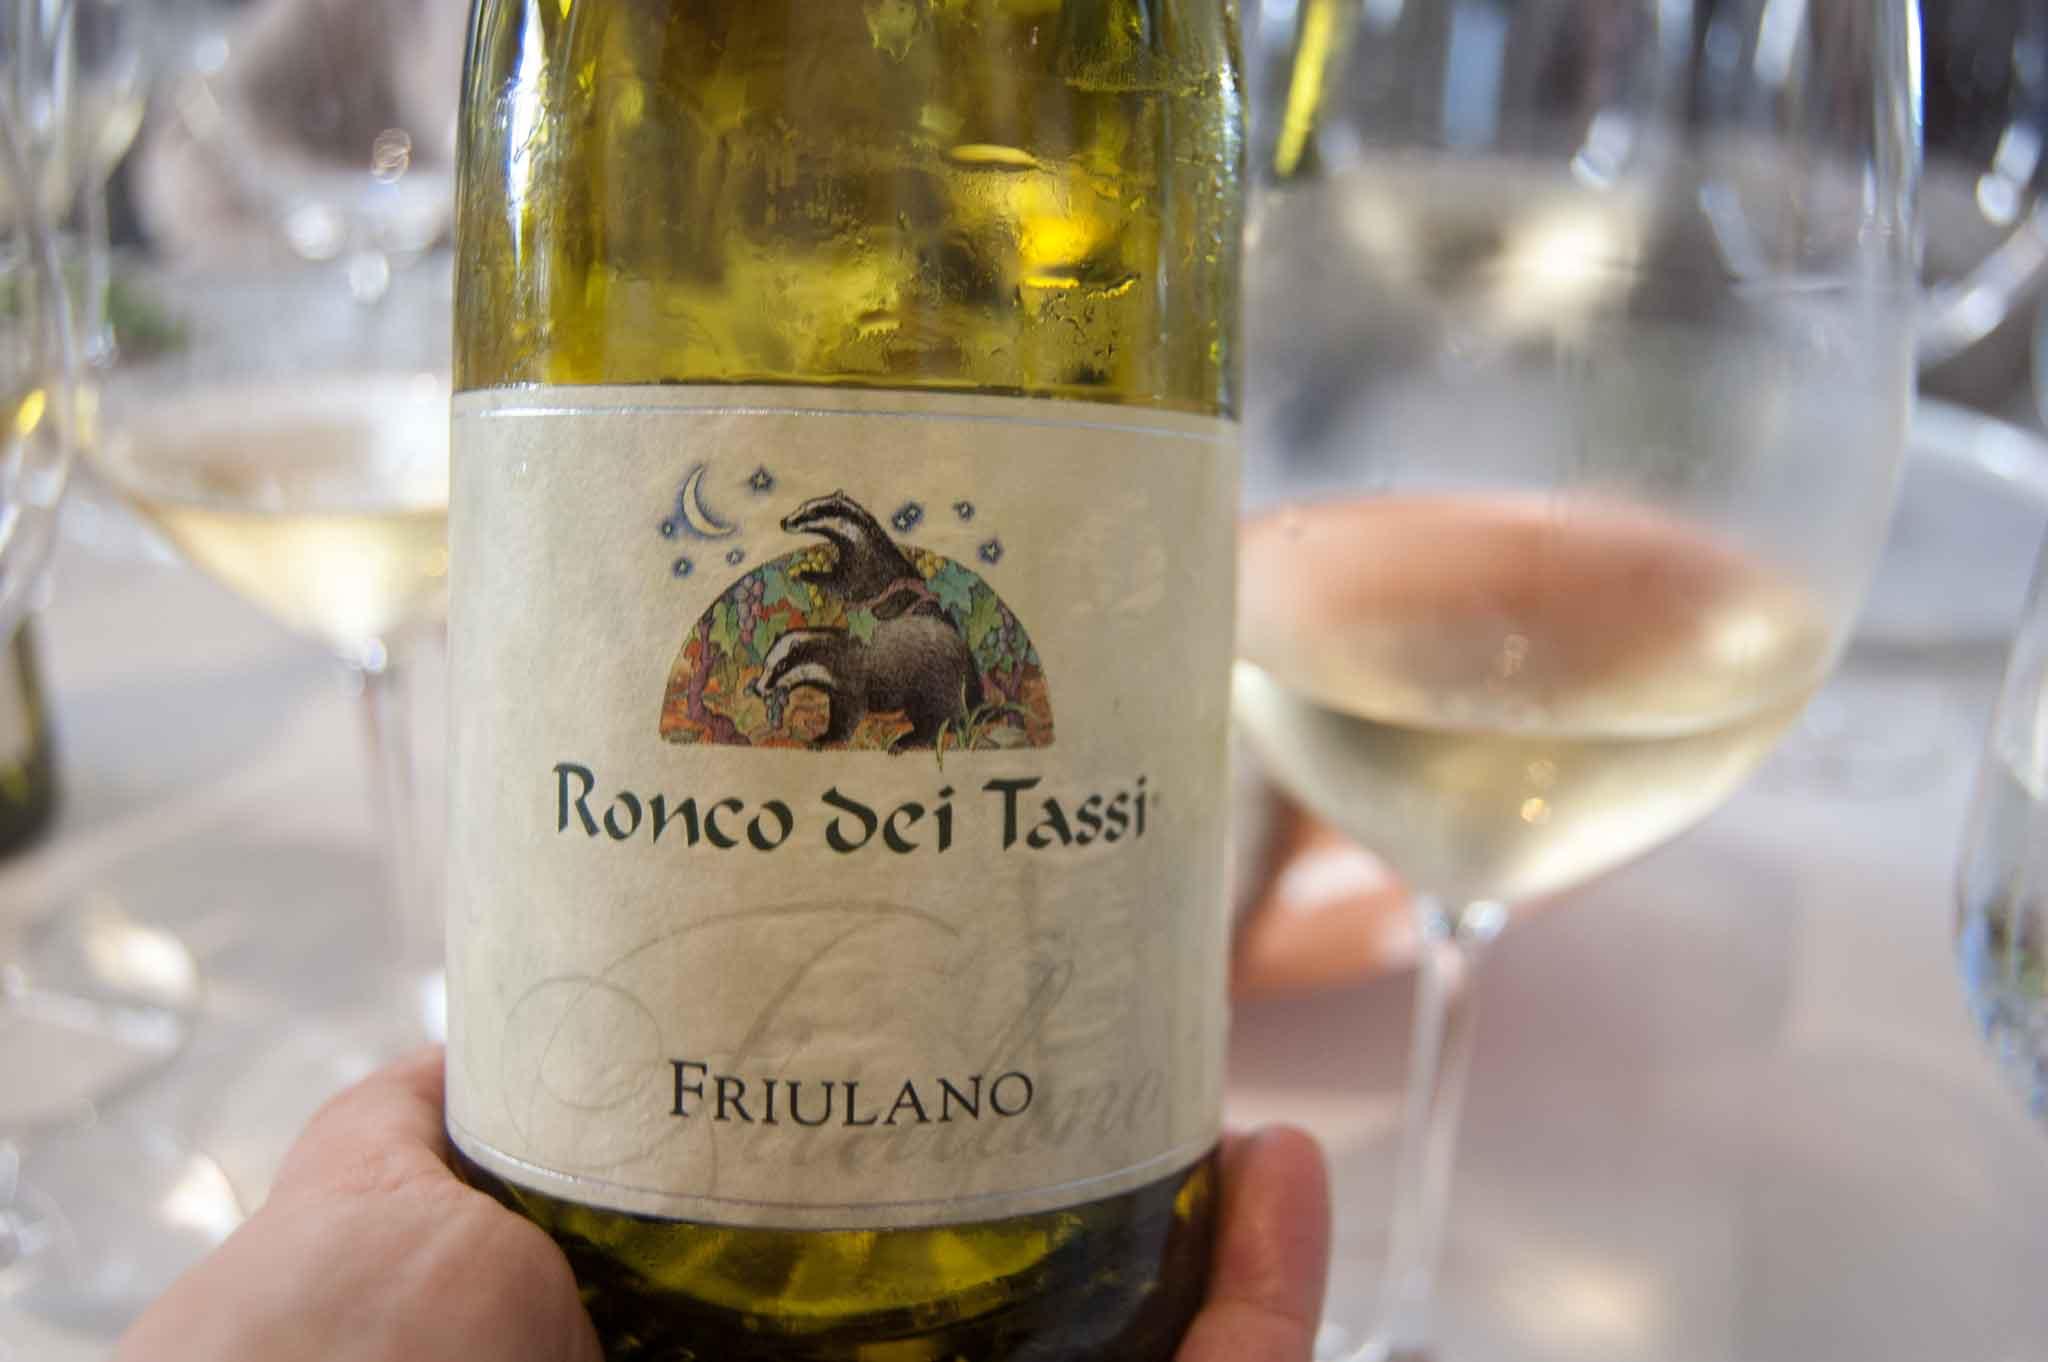 Miglior vino Friulano